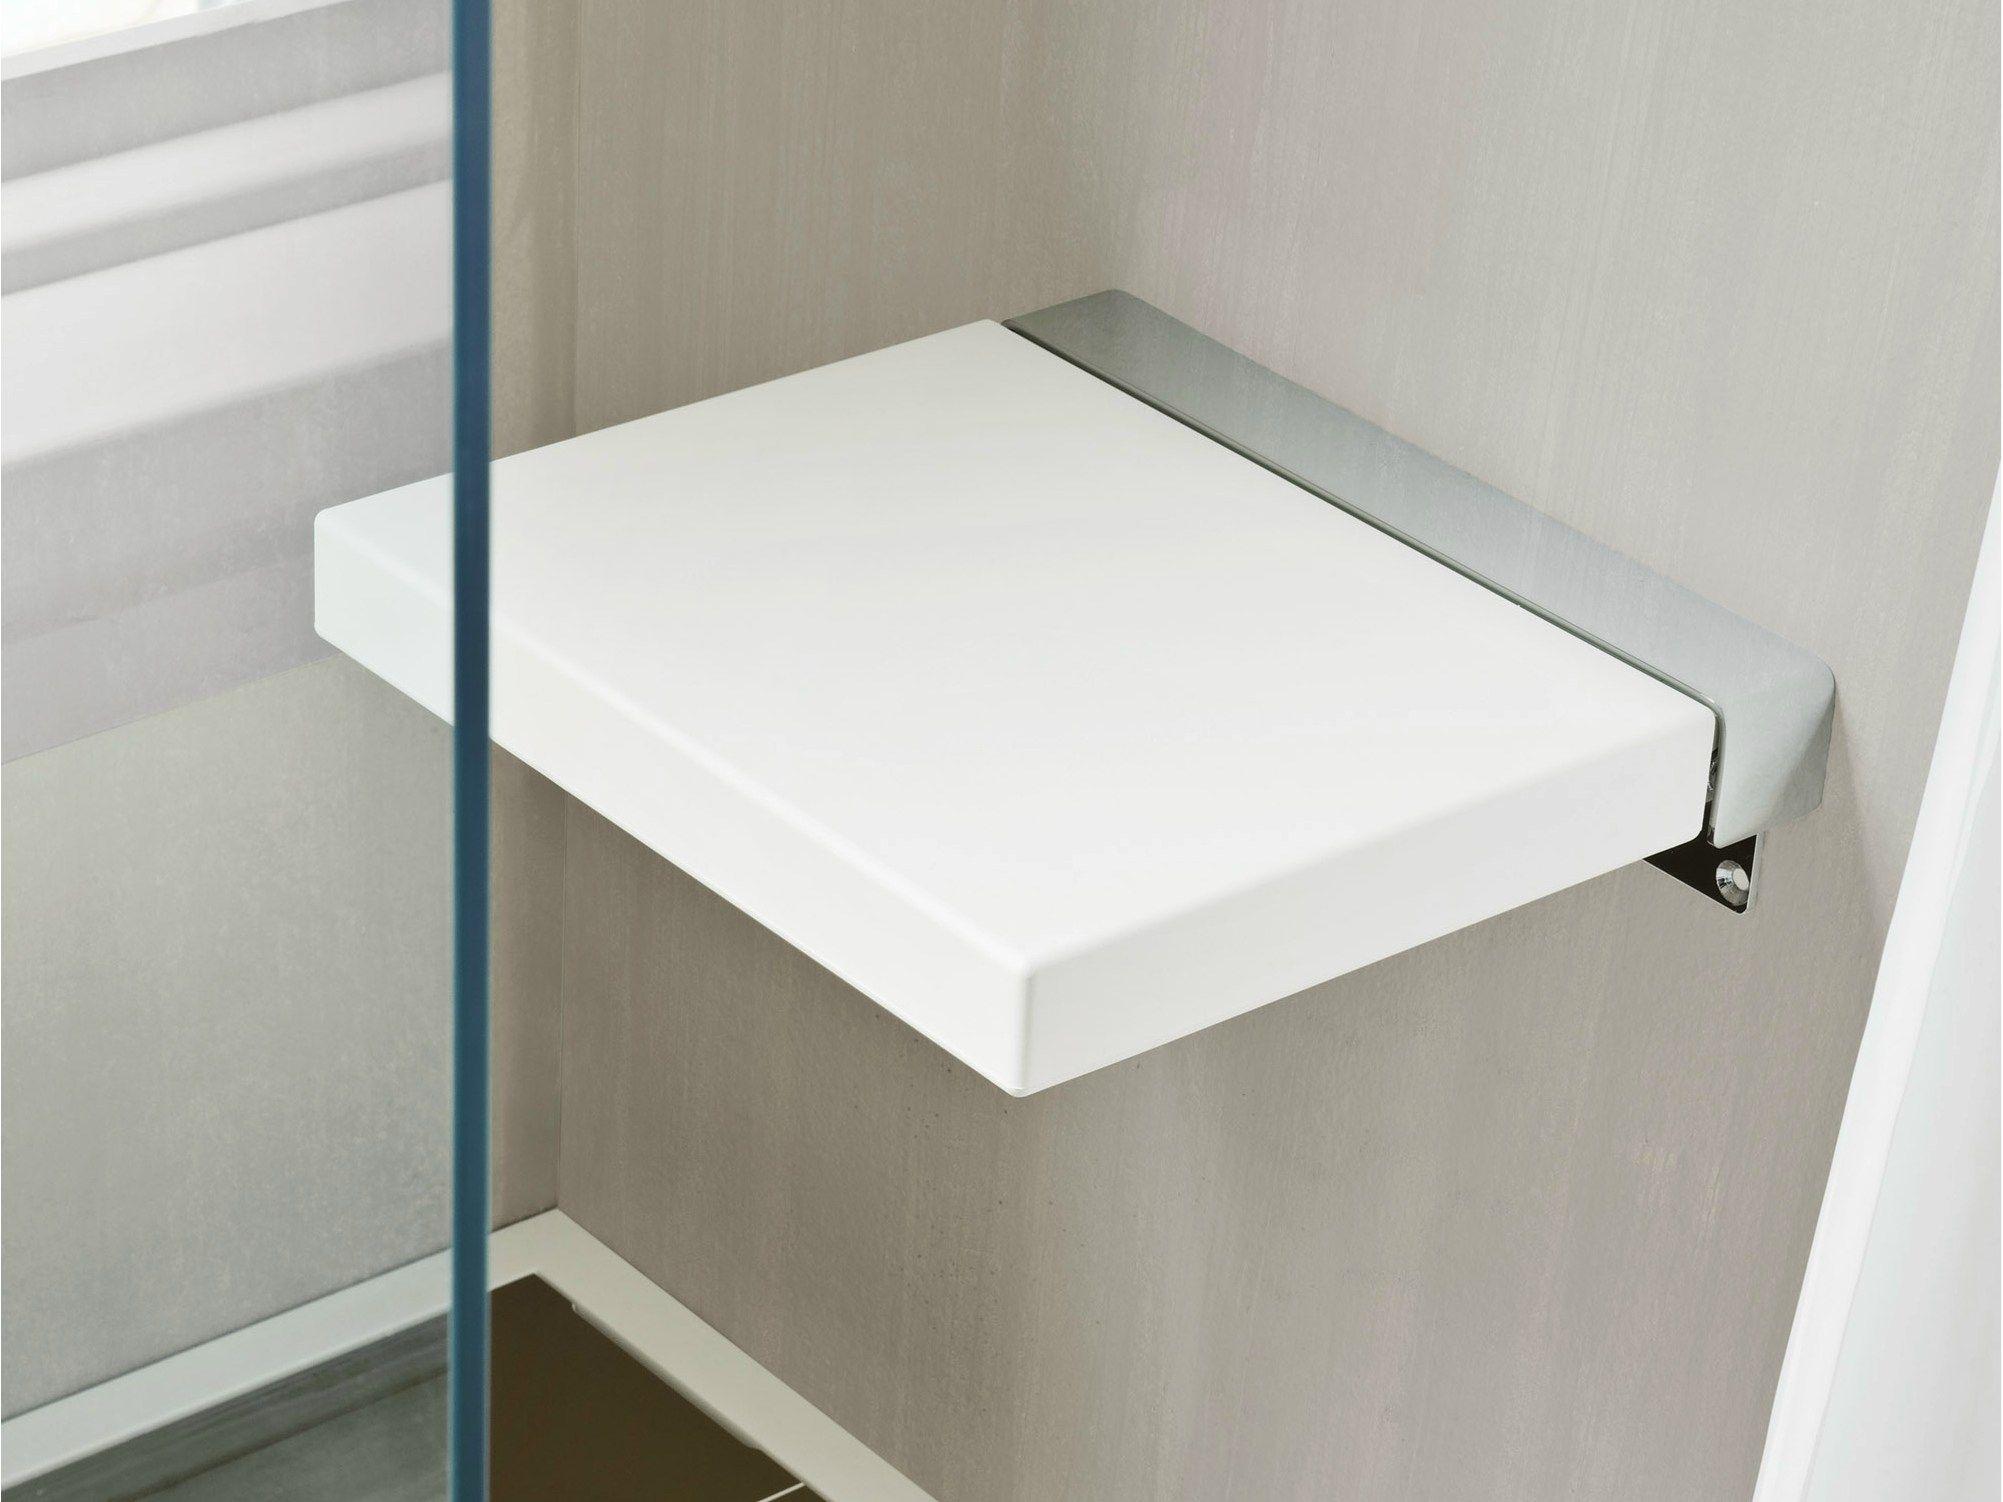 Giano sedile doccia by rexa design design imago design - Sgabelli da bagno ...